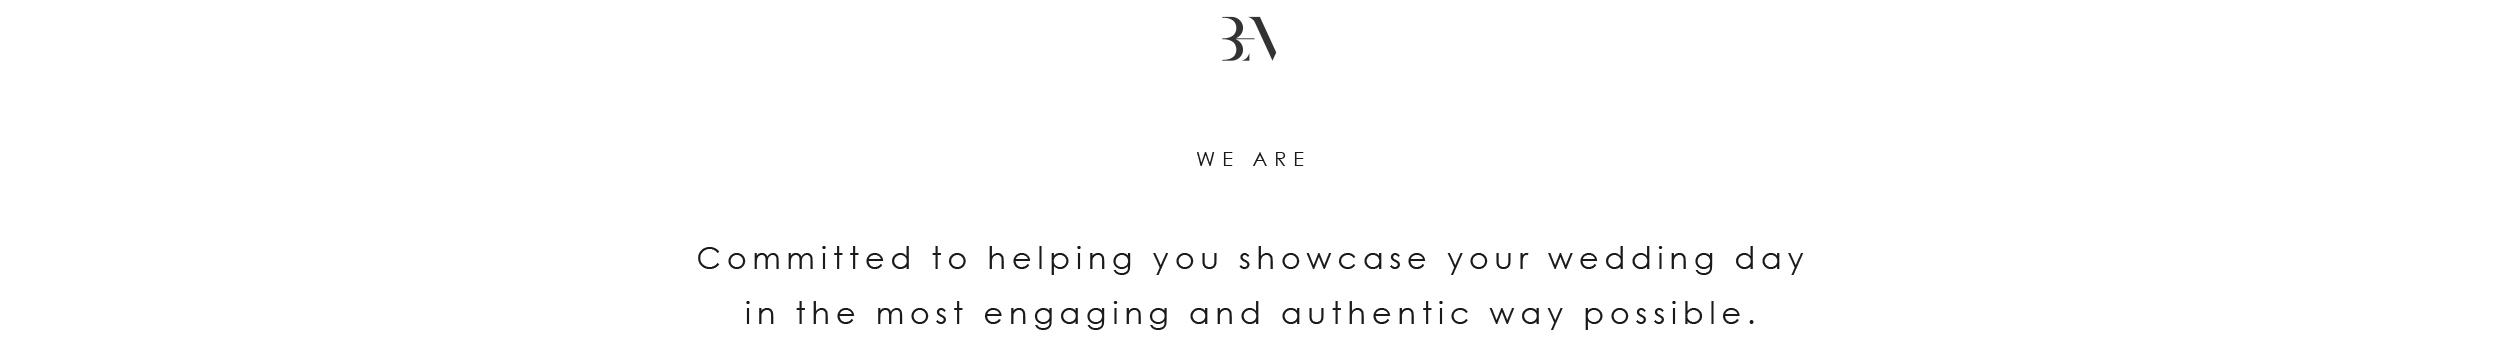 566_B&A - Homepage Wording  - August 2018 -1.jpg